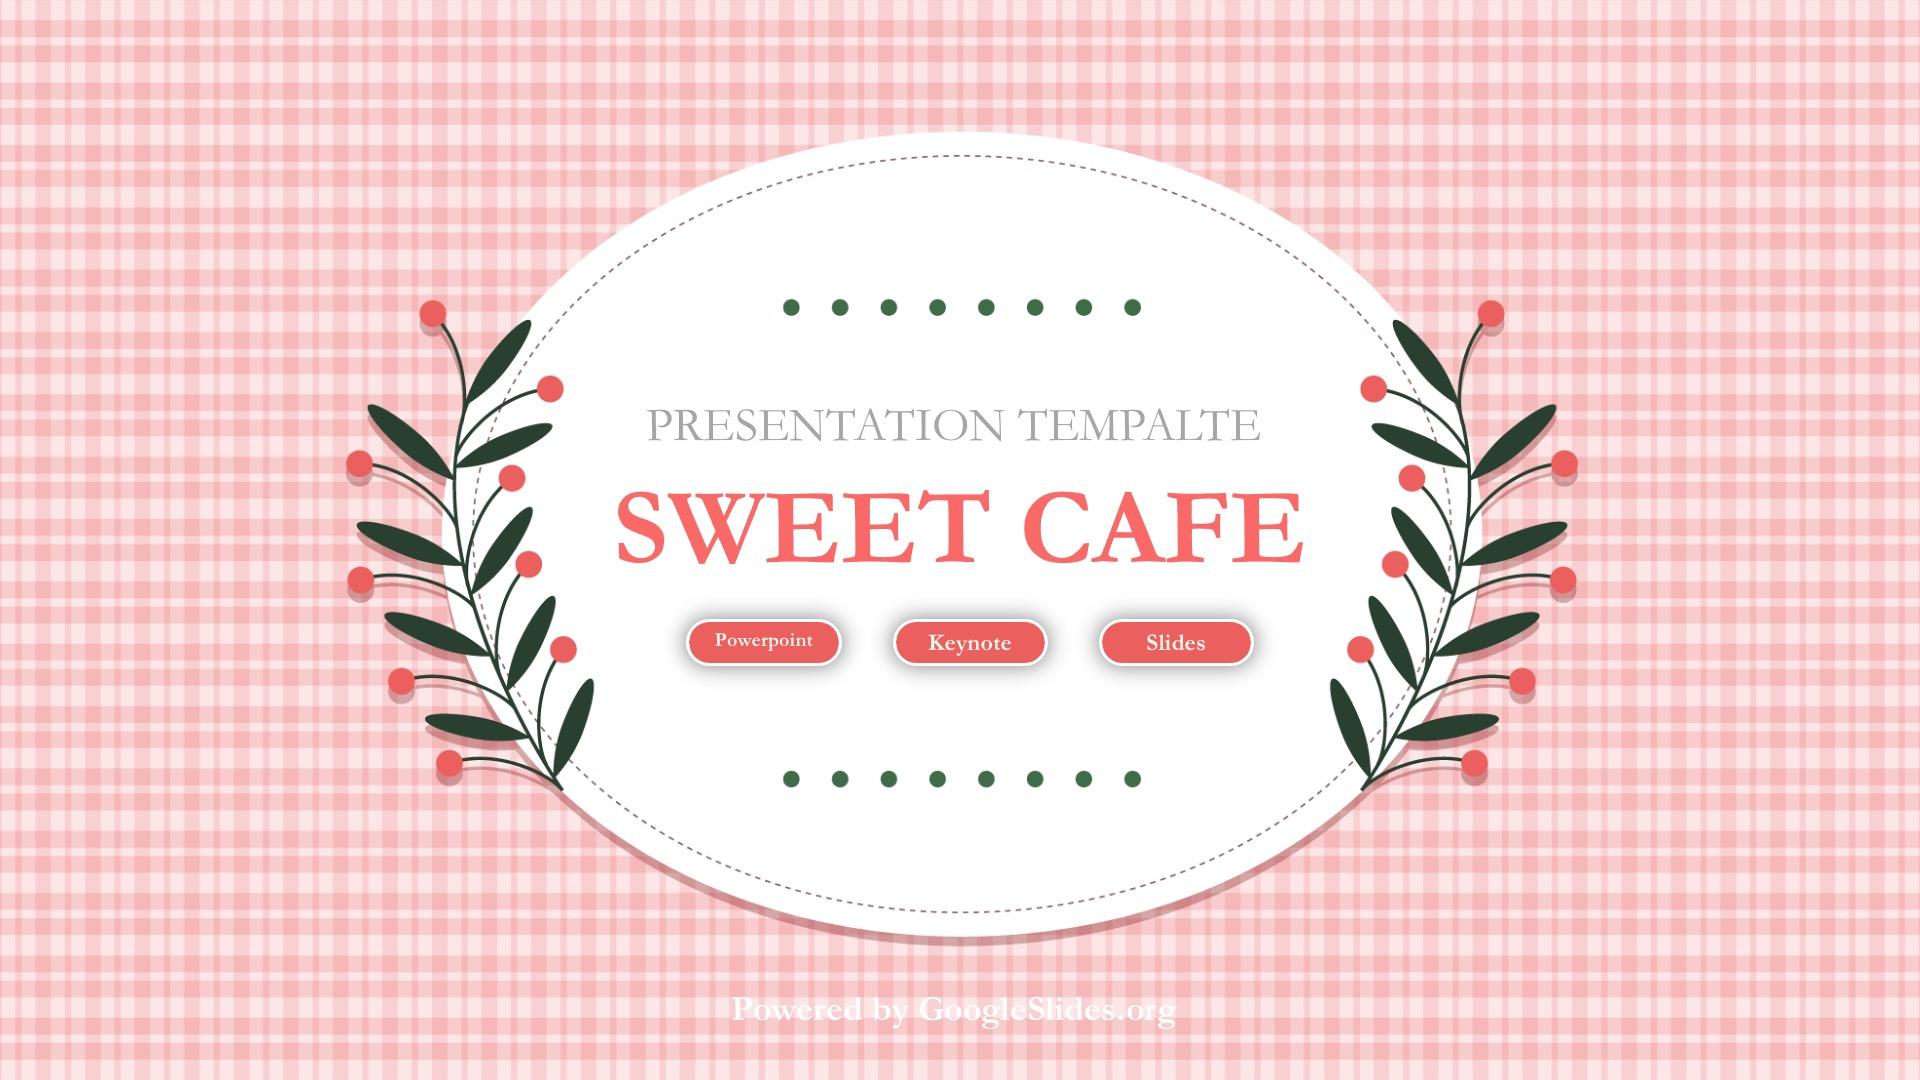 Sweet Cafe Presentation